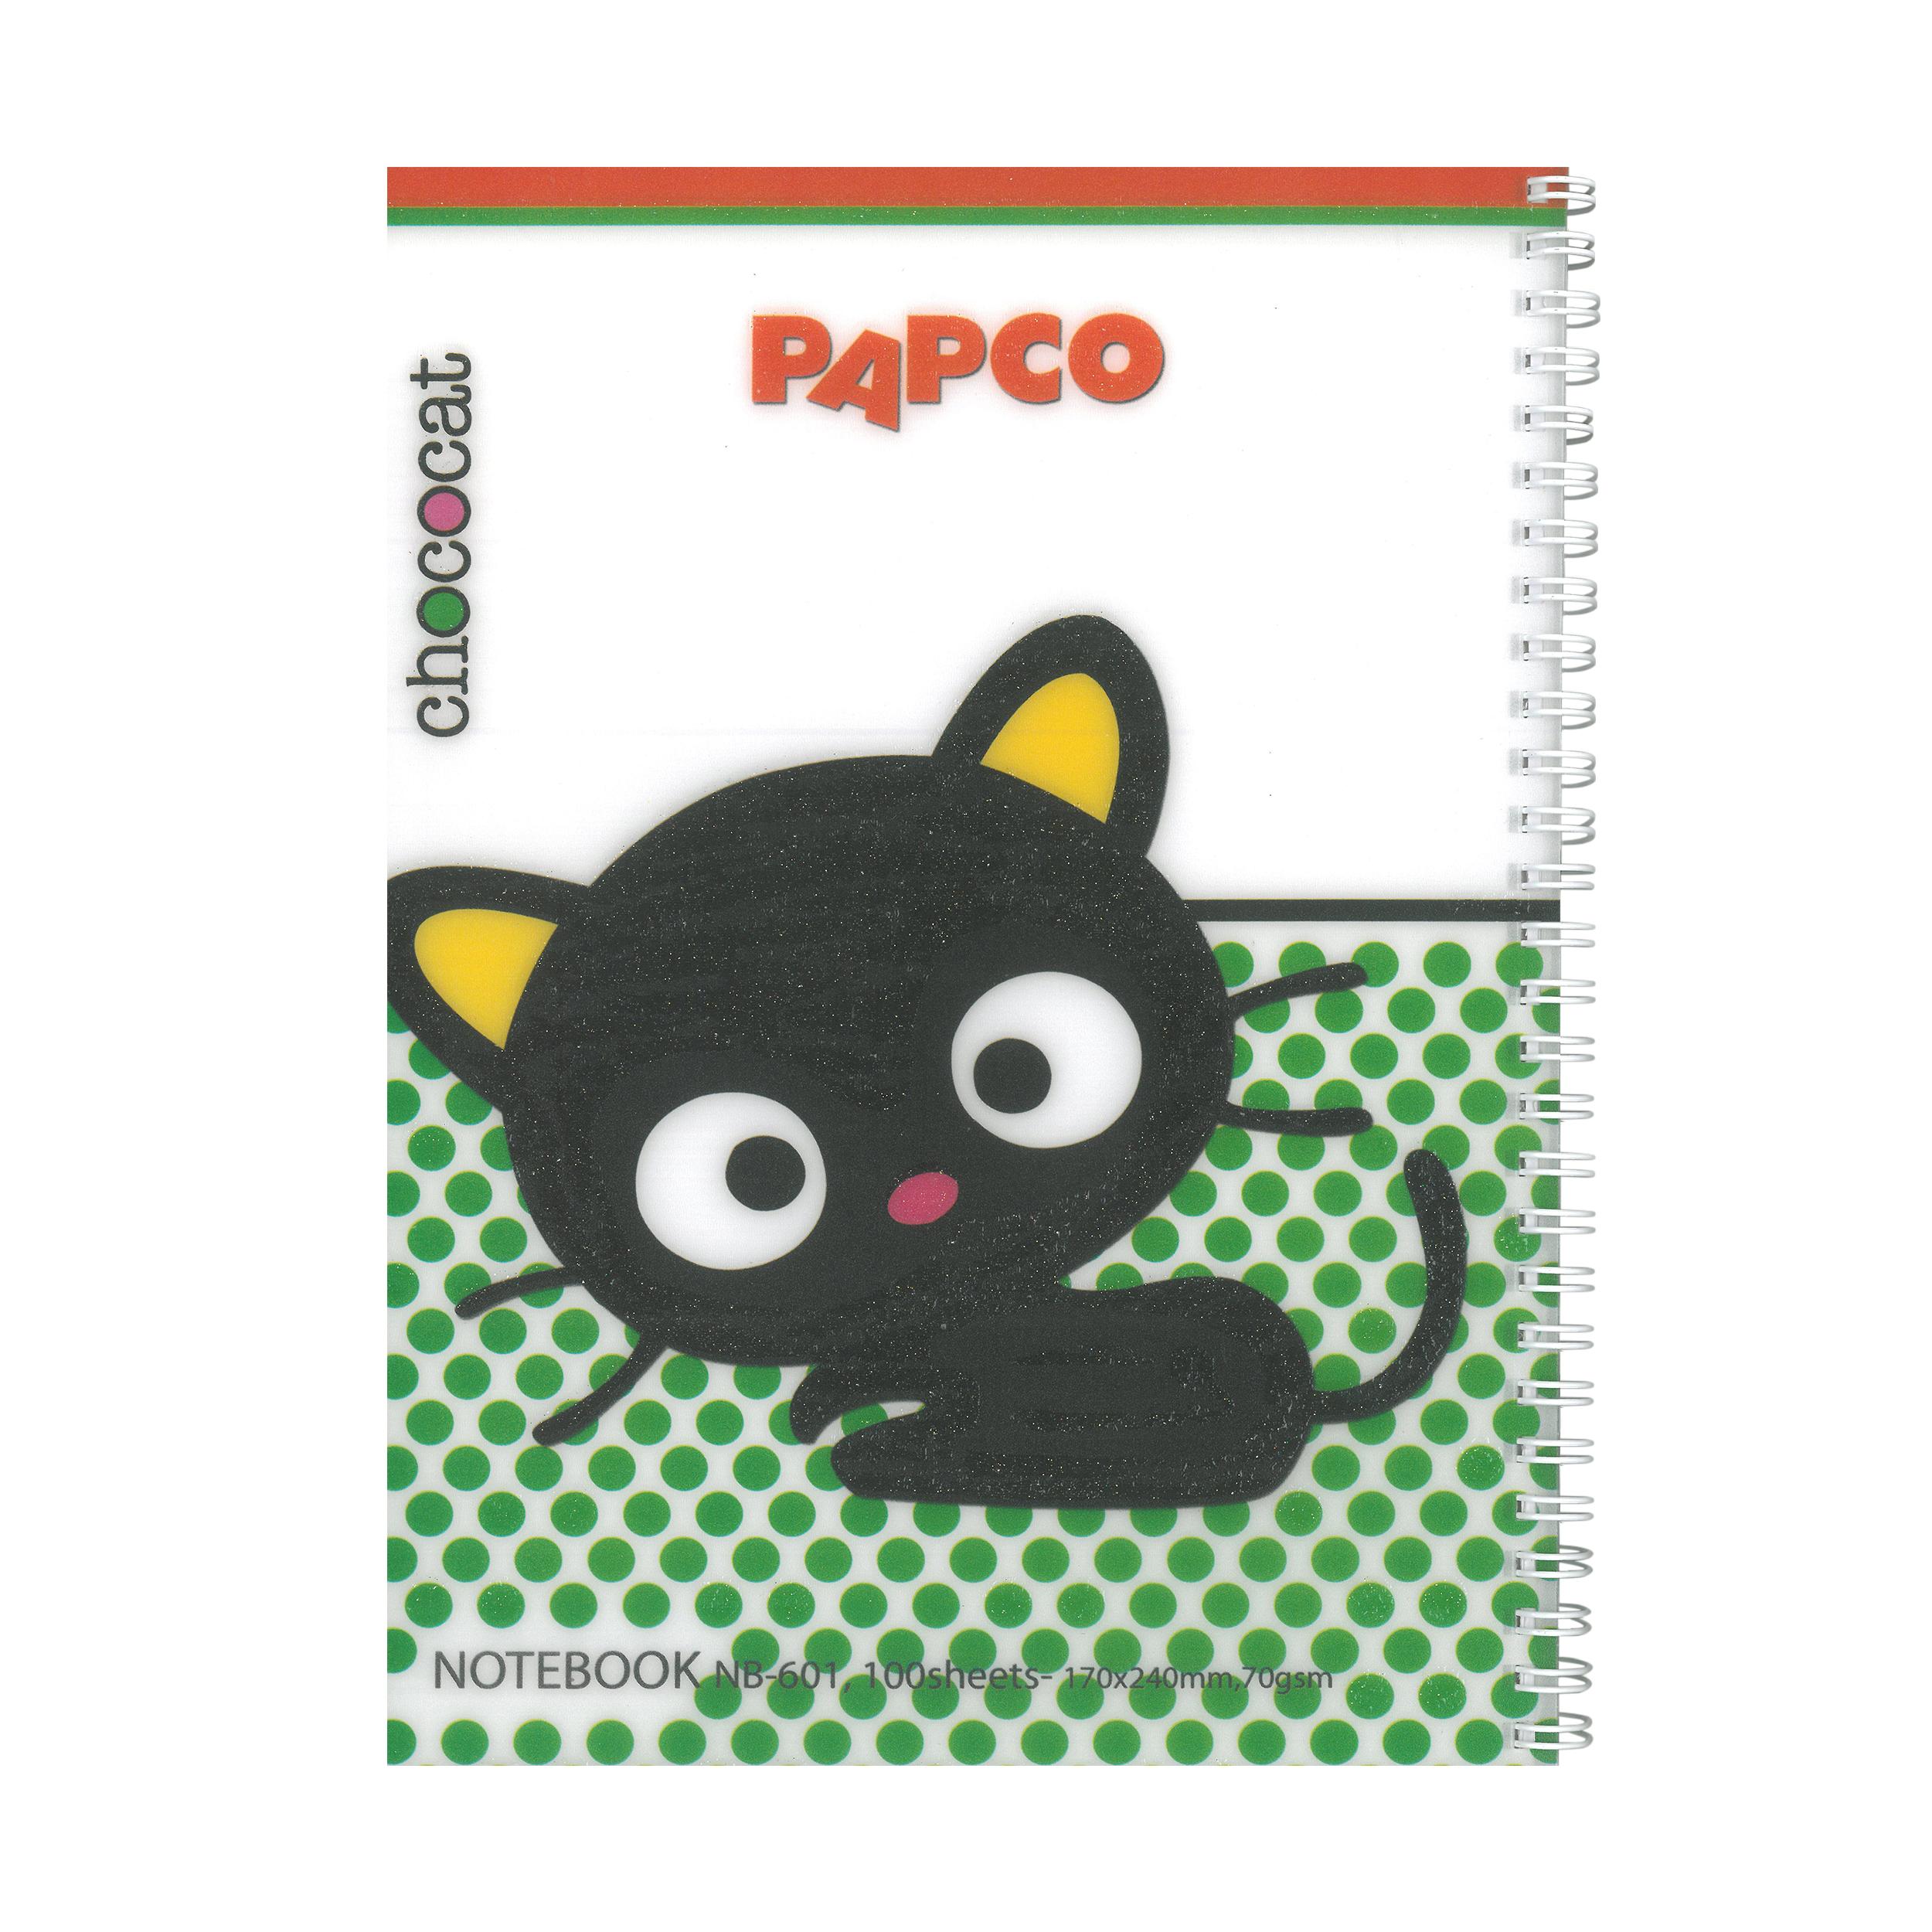 دفتر مشق پاپکو مدل NB-601 کد 320